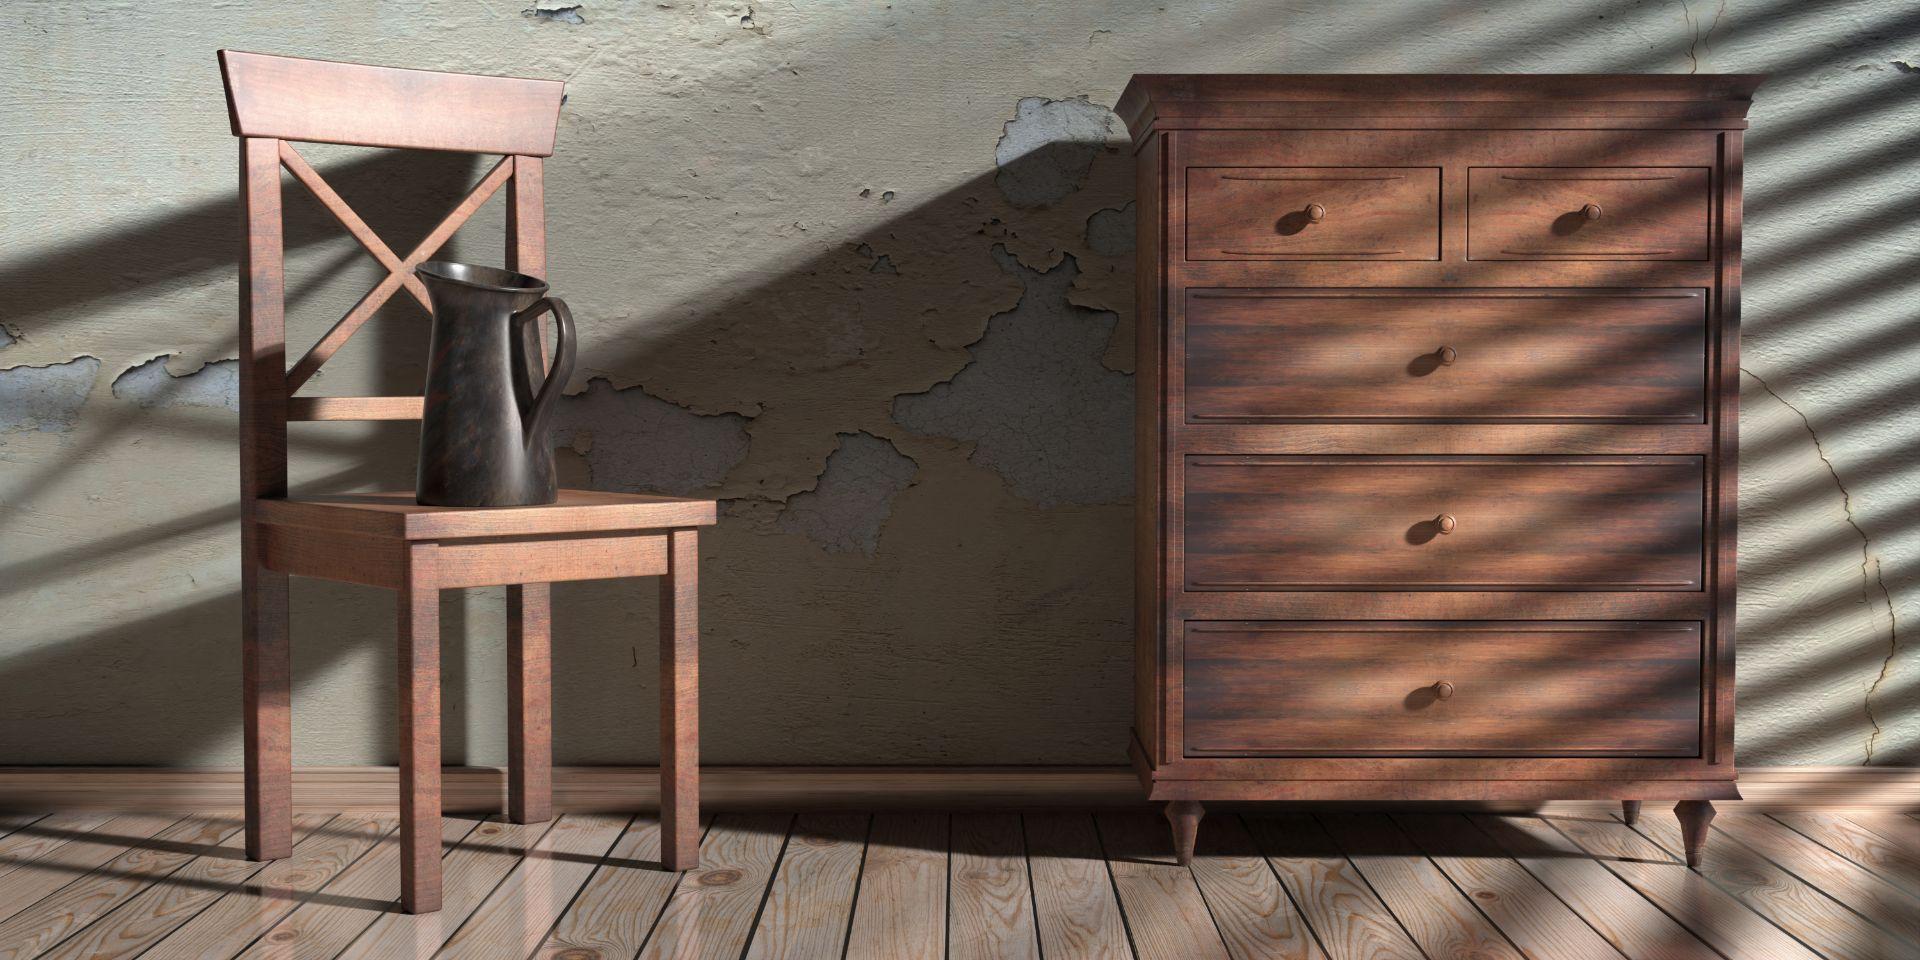 リノベーション!?内装、壁、家具に古材を使用してオシャレ空間を作るポイント